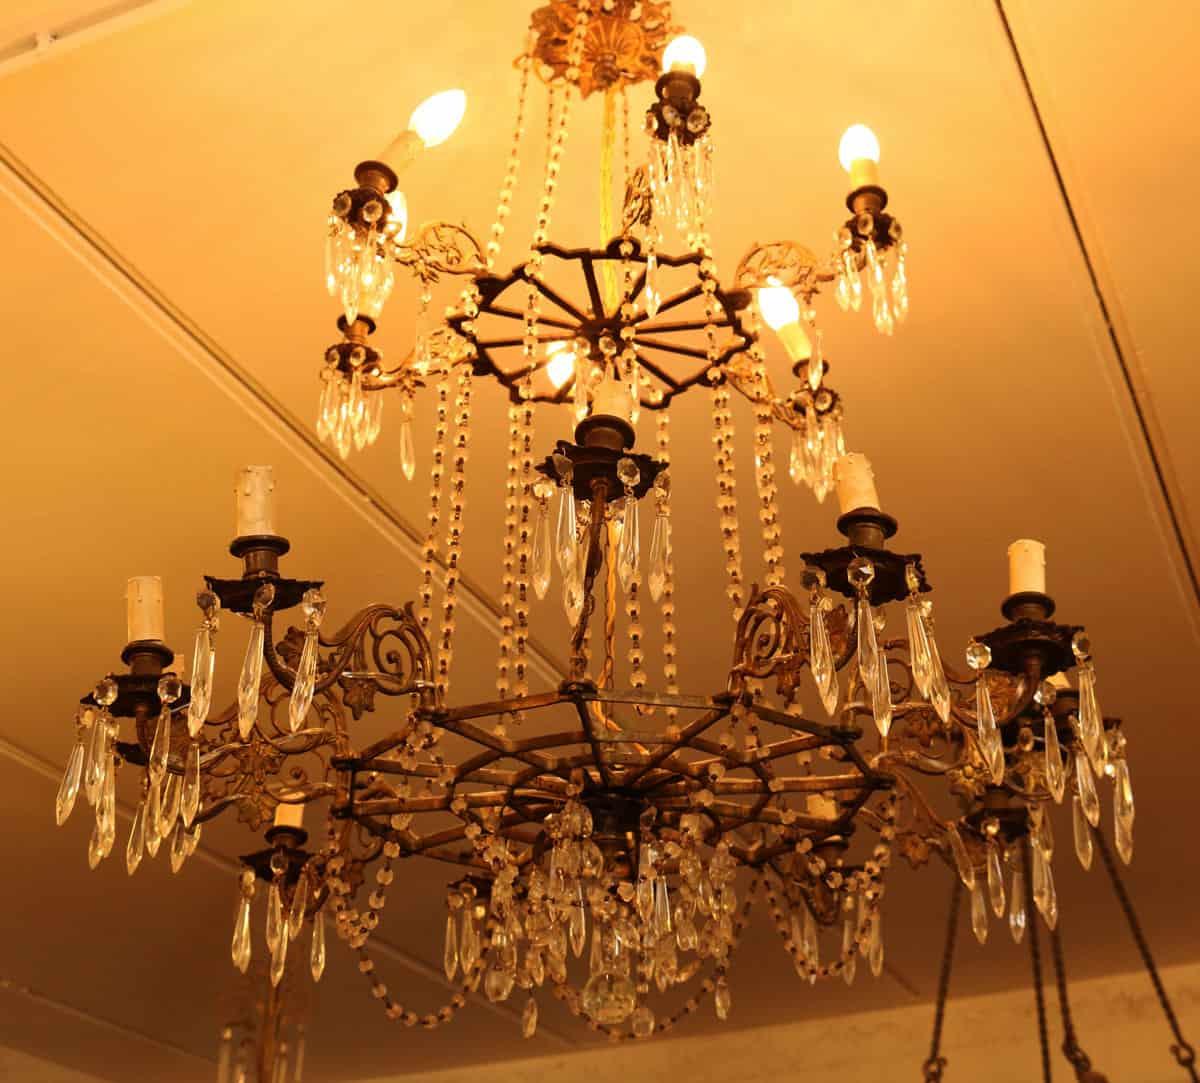 lampadario classico da sala ottone e cristallo 8 fiamme anni '60 pregevole lampadario classico, anni '60, ad 8 bracci in ottone e cristallo. Lampadario Gocce Di Cristallo Antiquariato Bruno Bernardi